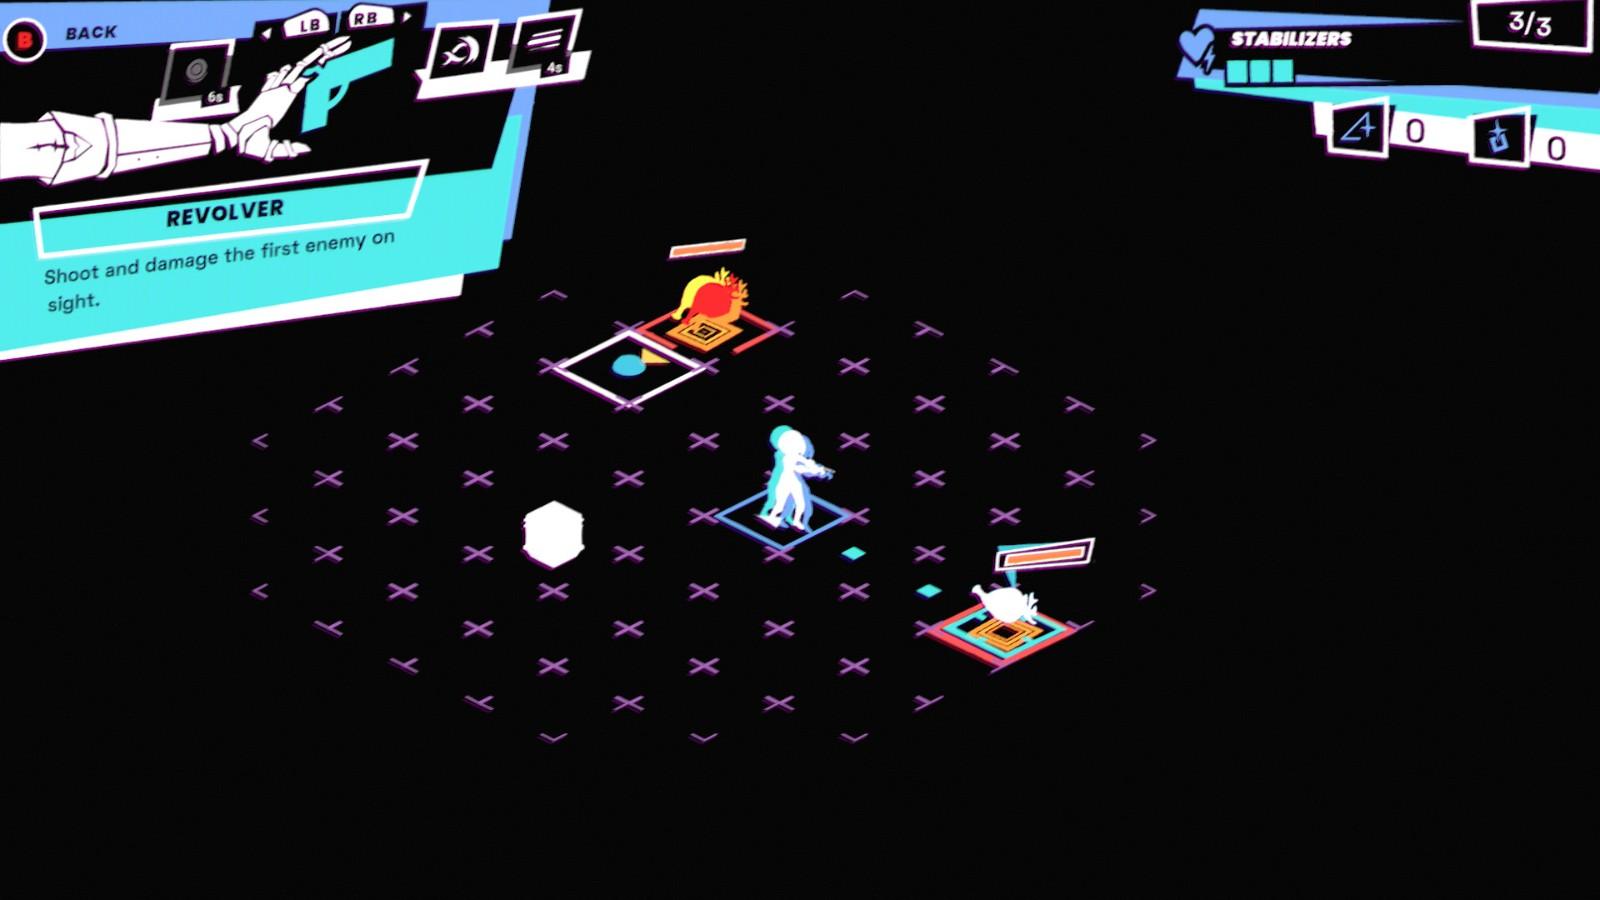 动作策略游戏《RFM》发布 2022年登陆PC/主机